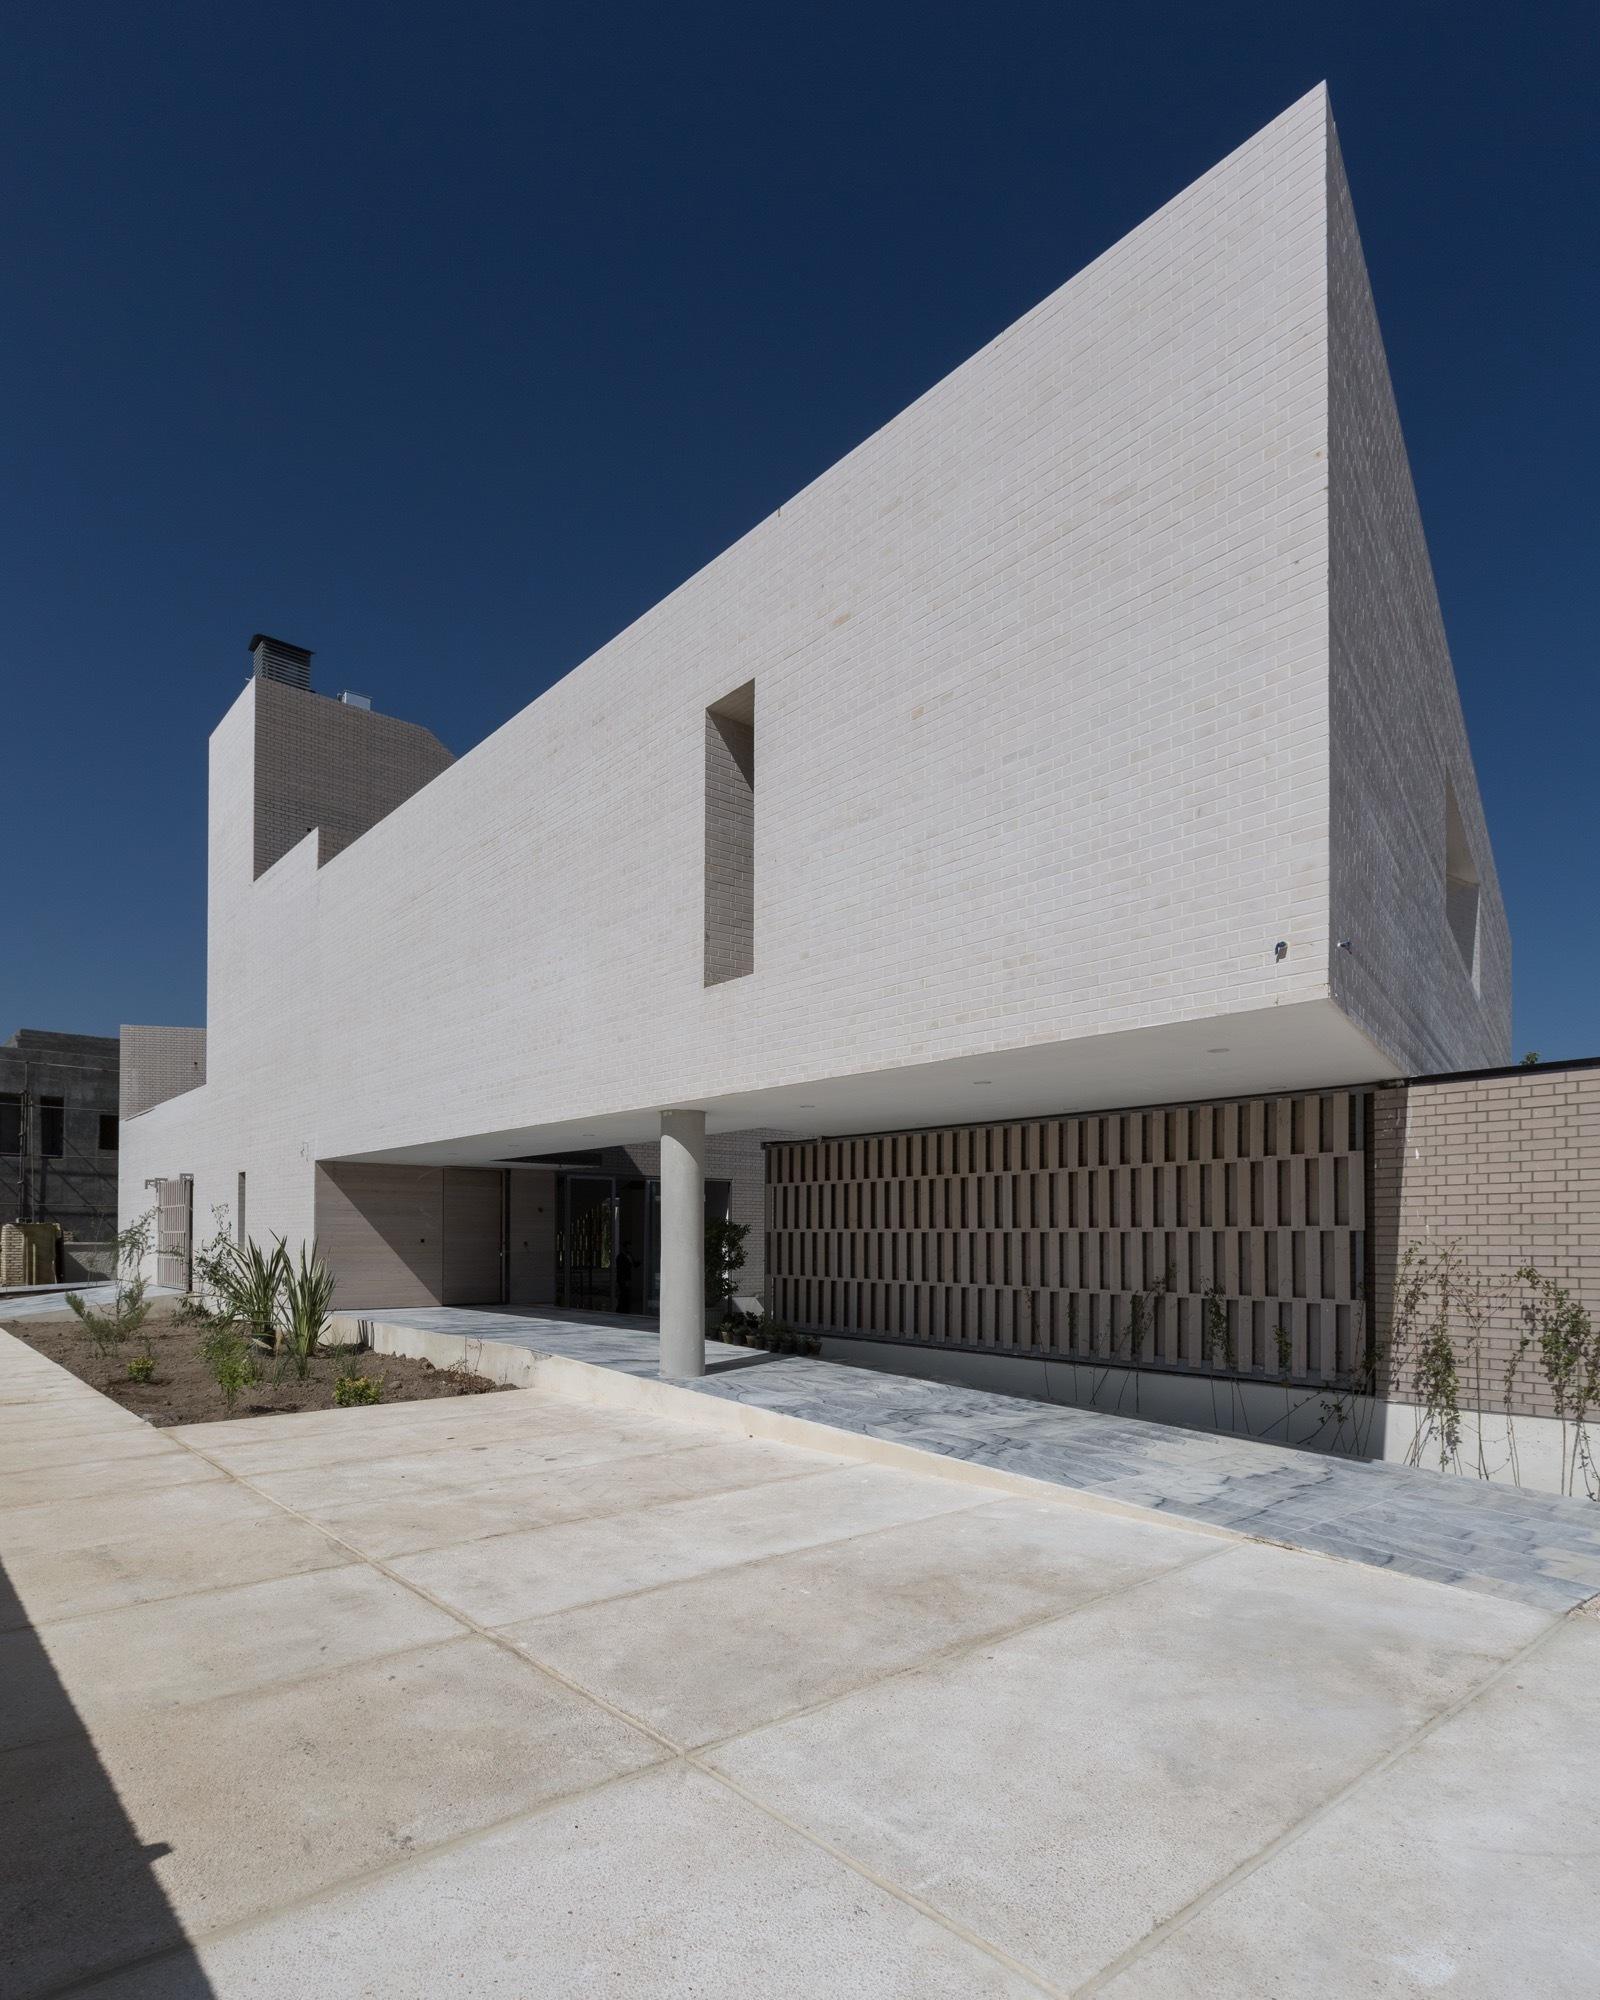 House Exterior: [In]Exterior, Falahatian Yard-House / [SHIFT] Process